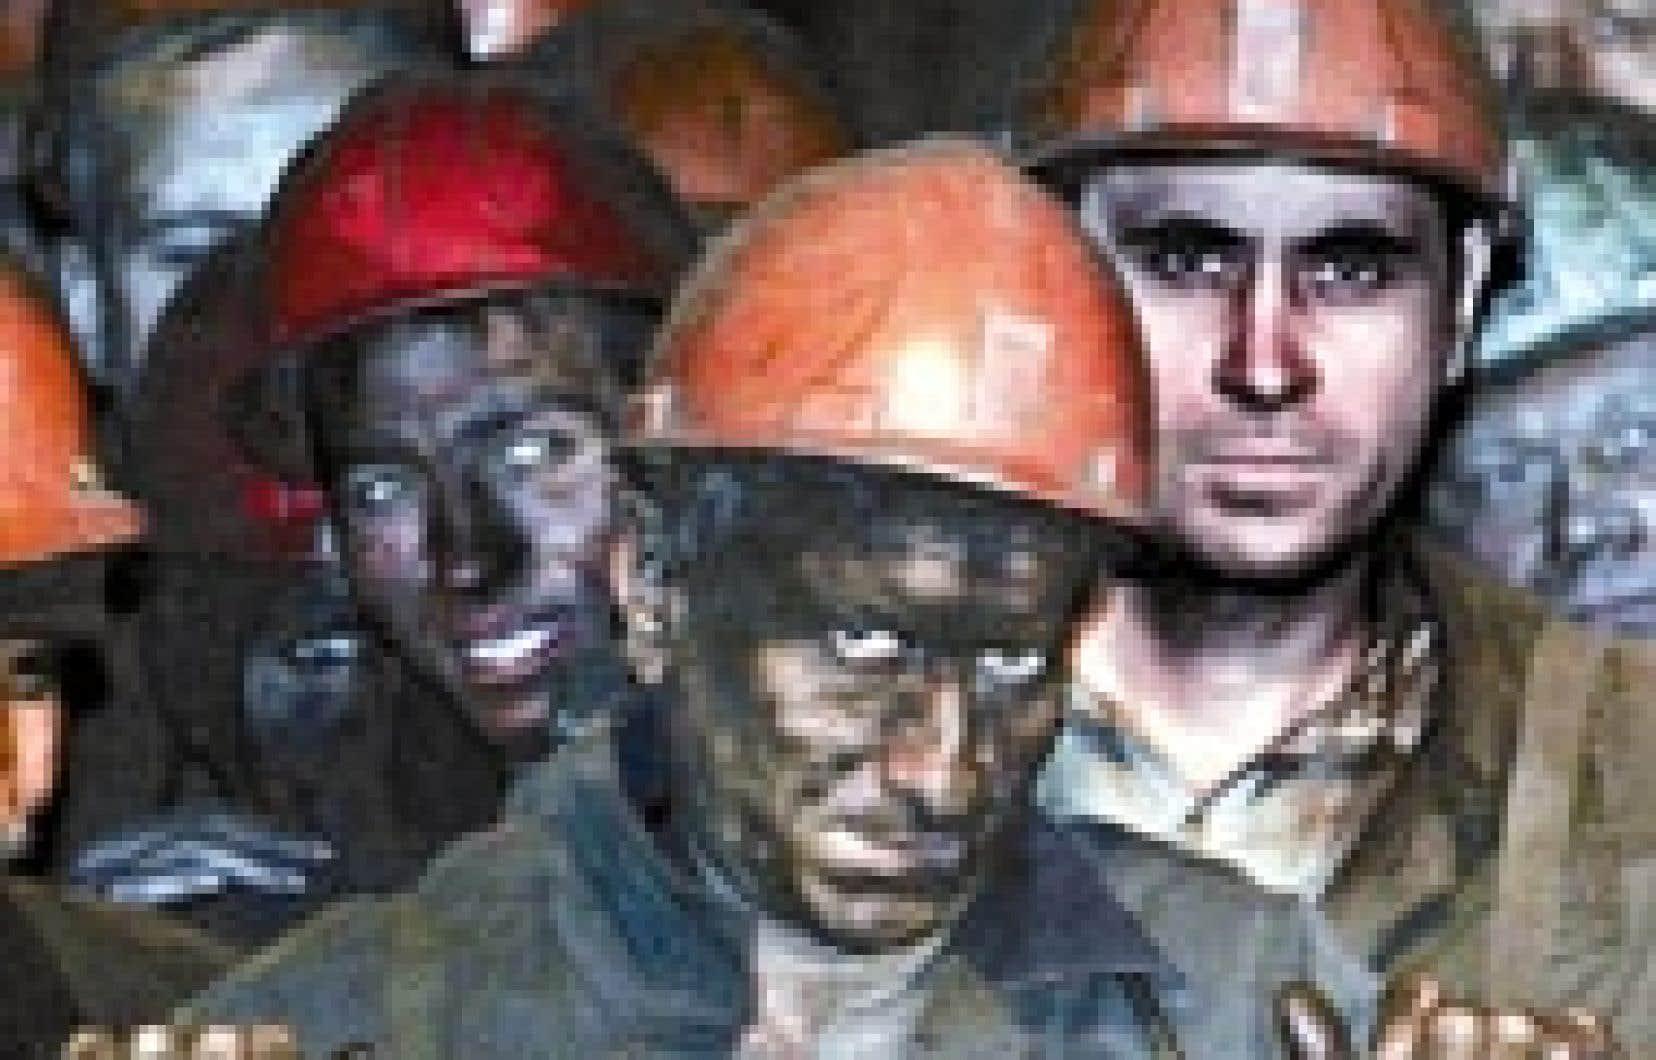 Fin du quart de travail dans cette mine de charbon ukrainienne. Selon l'Agence internationale de l'énergie, le charbon fournira 40 % de l'électricité mondiale d'ici 15 ans.